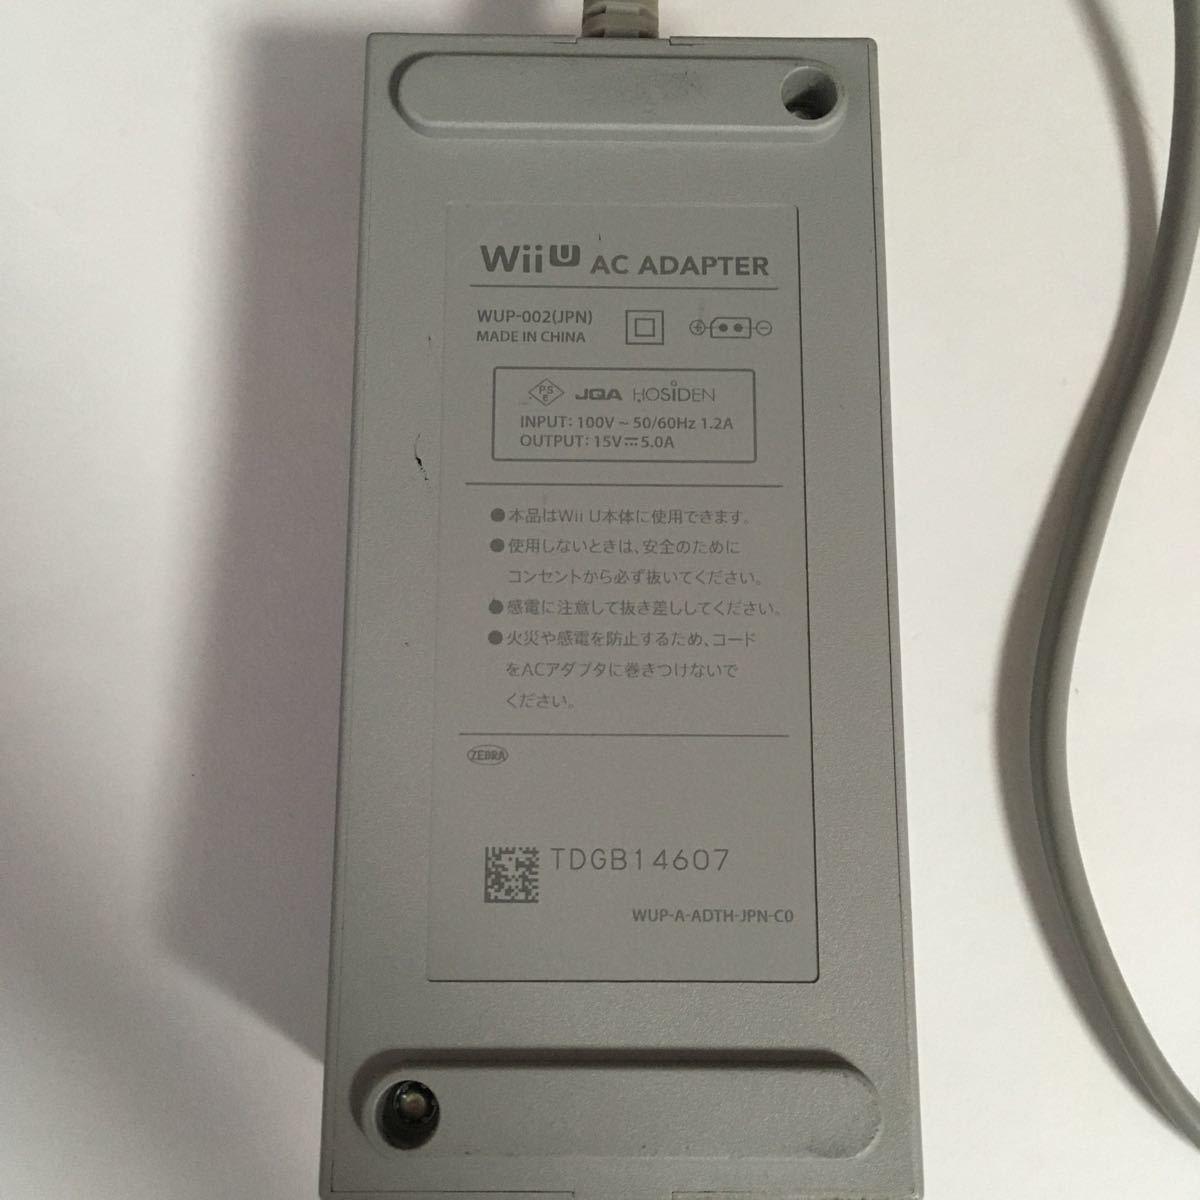 WiiU ACアダプター 電源ケーブル 正規品 任天堂 純正 動作未確認 ジャンク品 レトロ ゲーム ACアダプタ